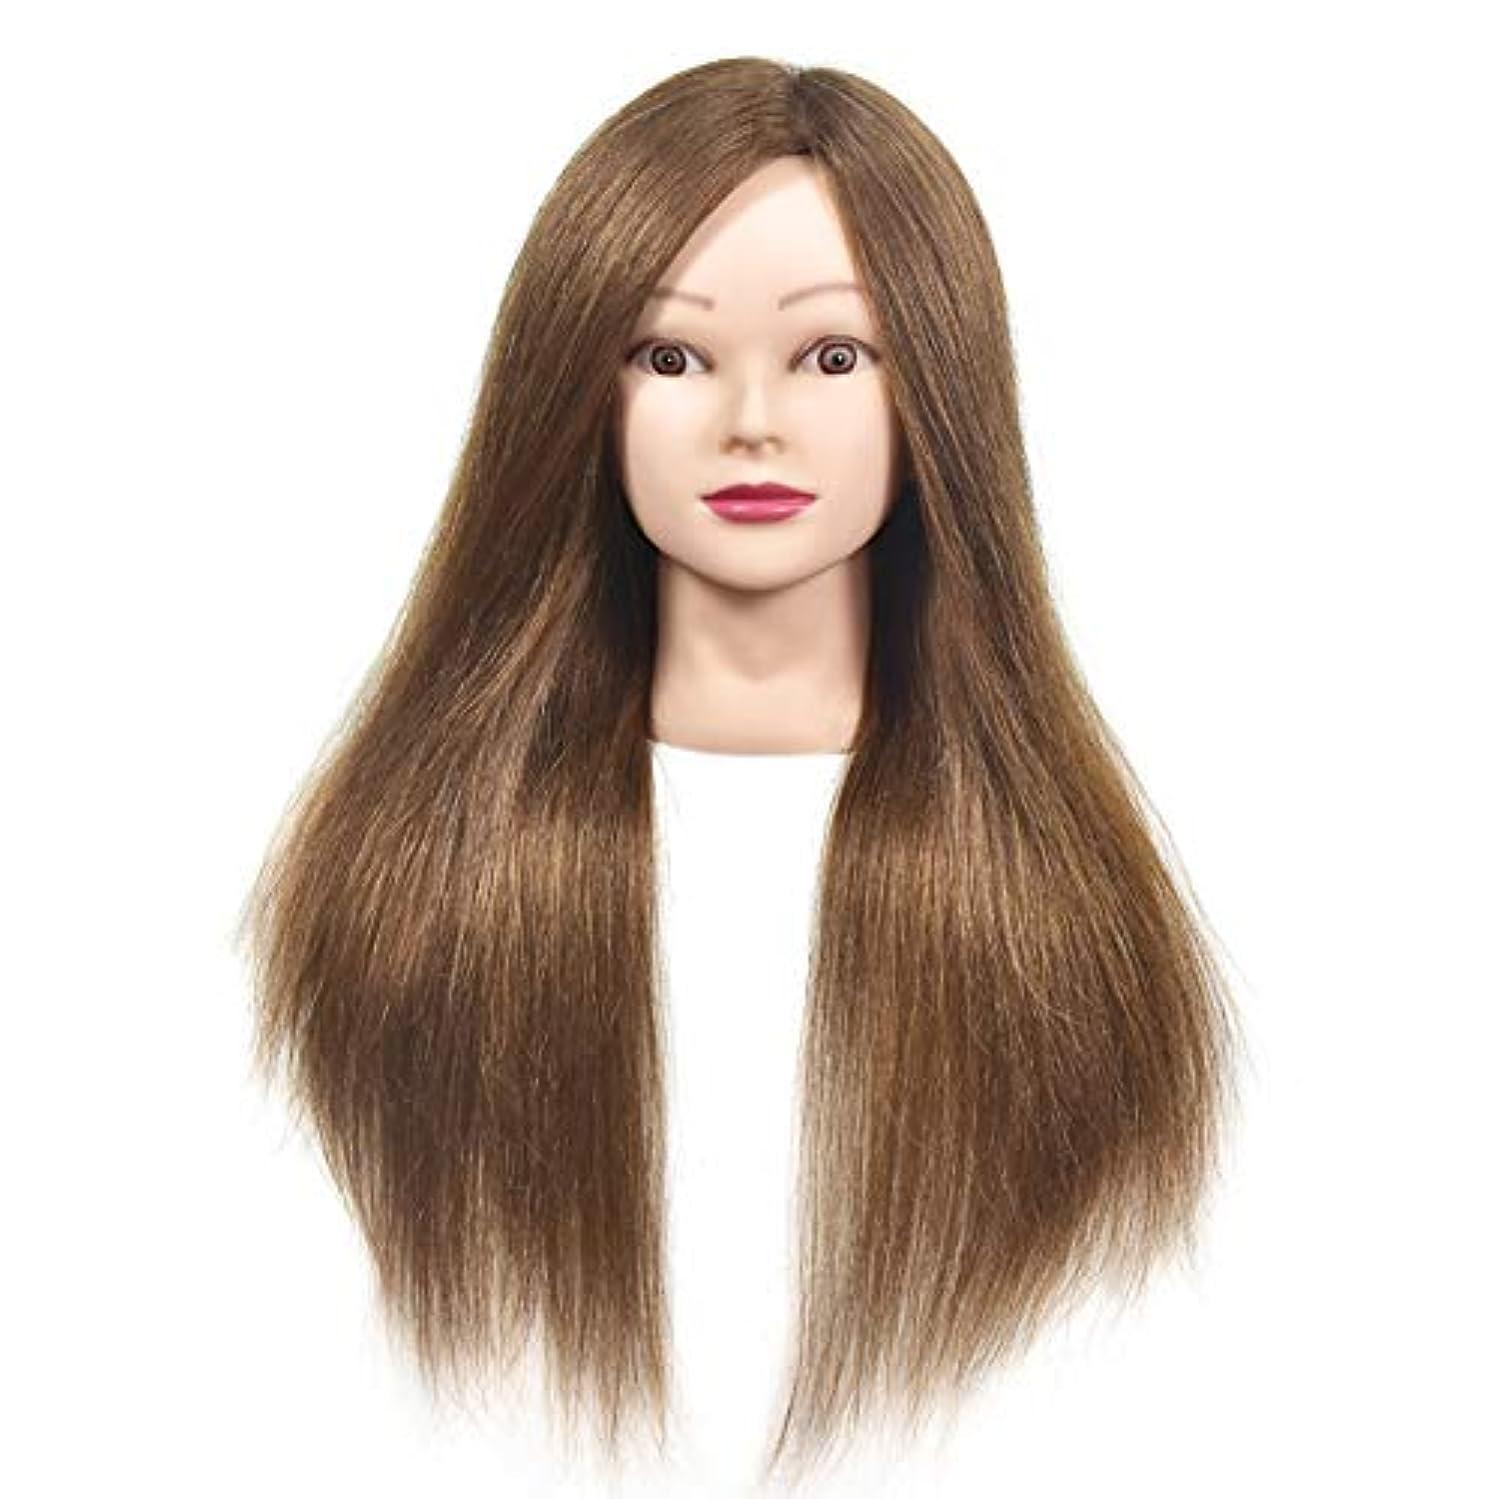 ティーム枯れるシャンプー本物の人間の髪のかつらの頭の金型の頭の編み出しスタイリングのマネキン頭の理髪店の練習の教師のダミーヘッド